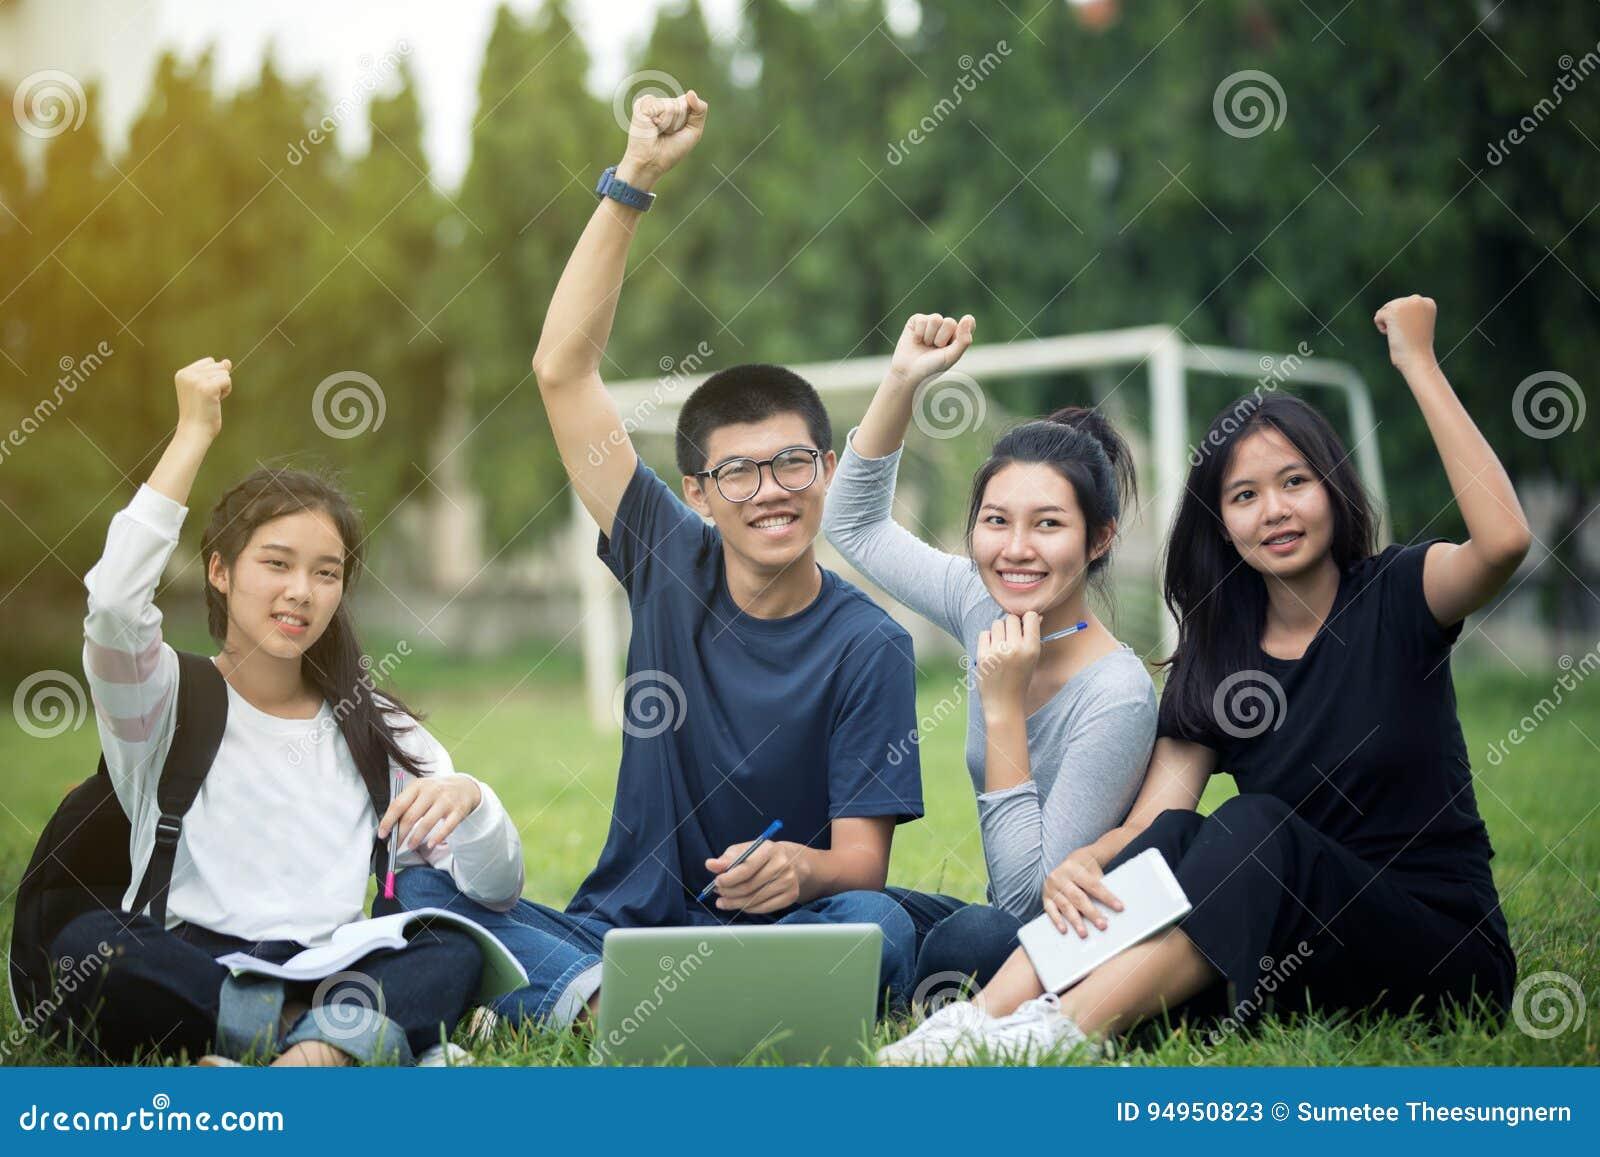 Grupo asiático de sucesso dos estudantes e de conceito de vencimento - chá feliz